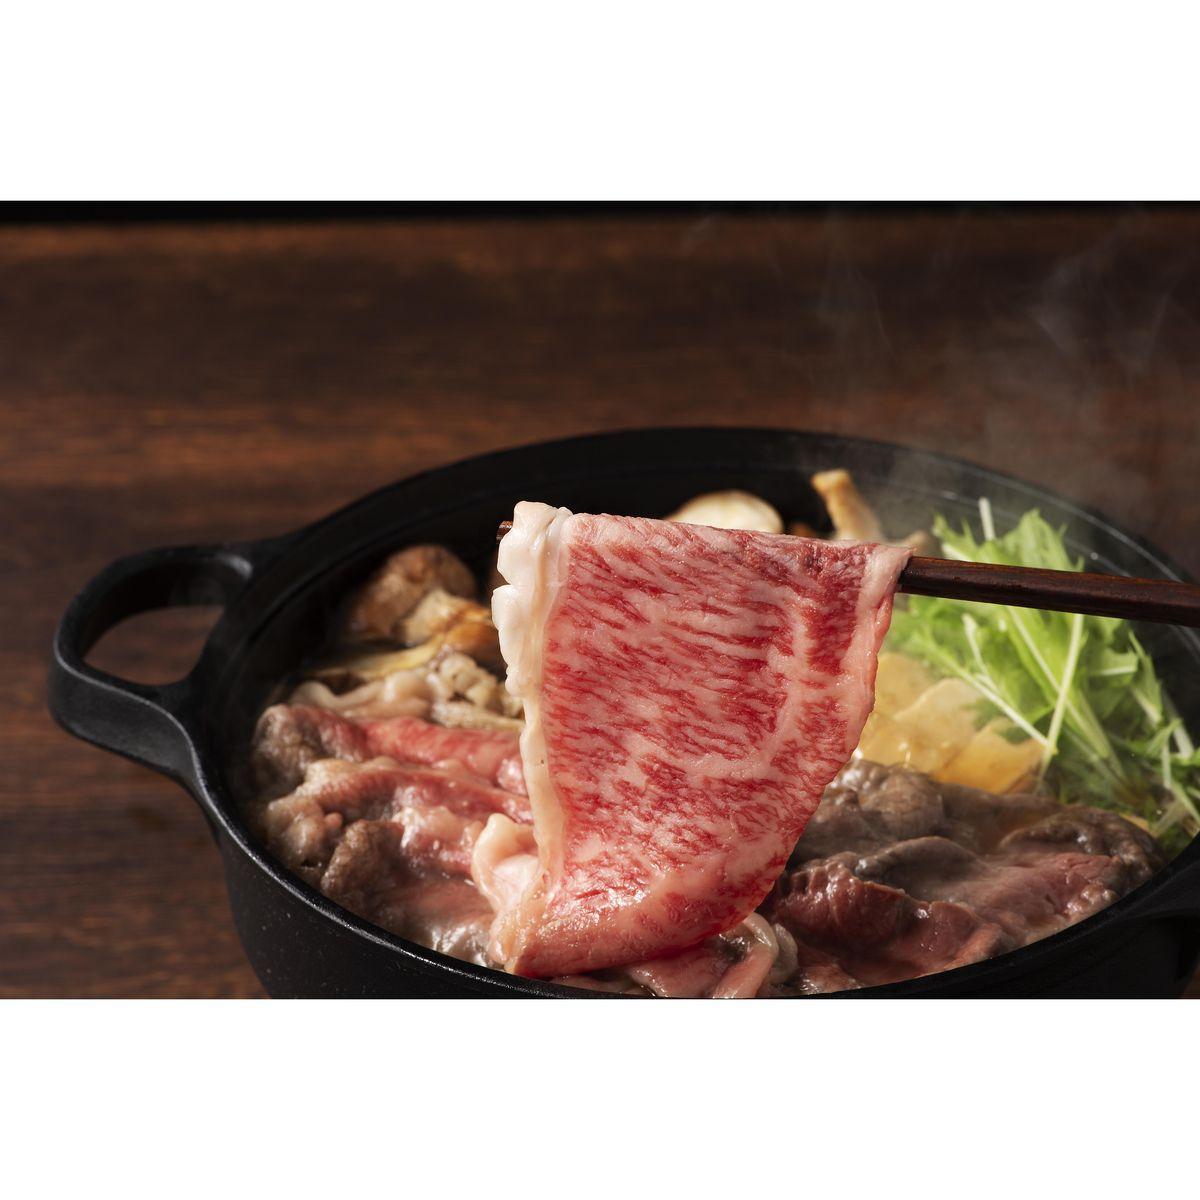 フジチク 藤彩牛ローススライス TW1010103346